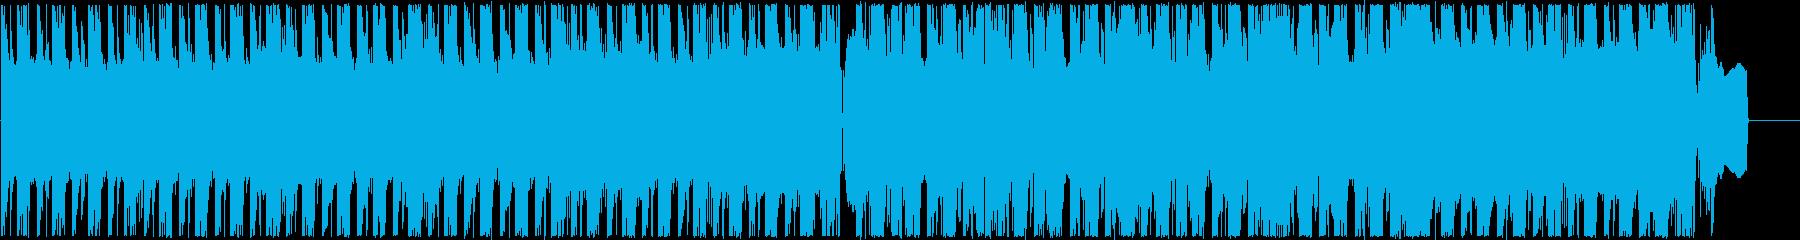 映像系ロックでアツいオープニングの再生済みの波形